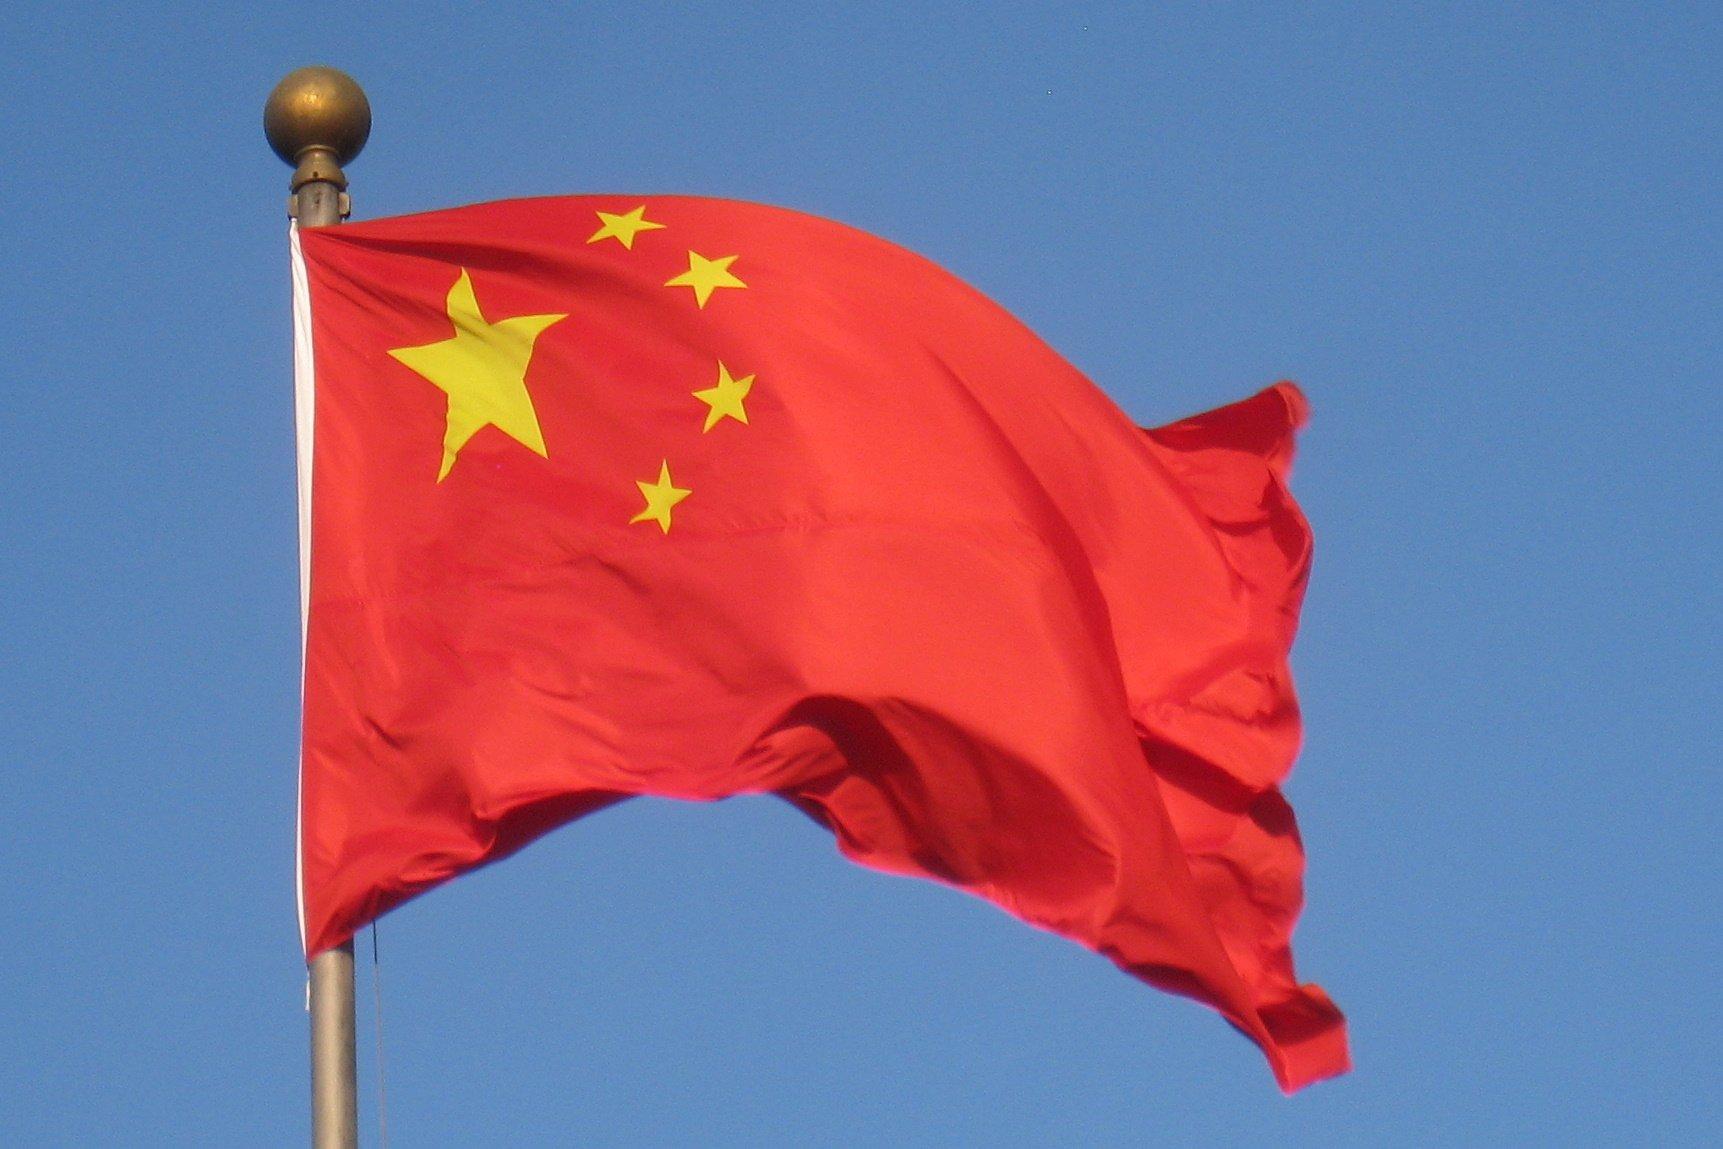 الصين: سوف نتخذ اجراءات لحماية مصالحنا الاقتصادية